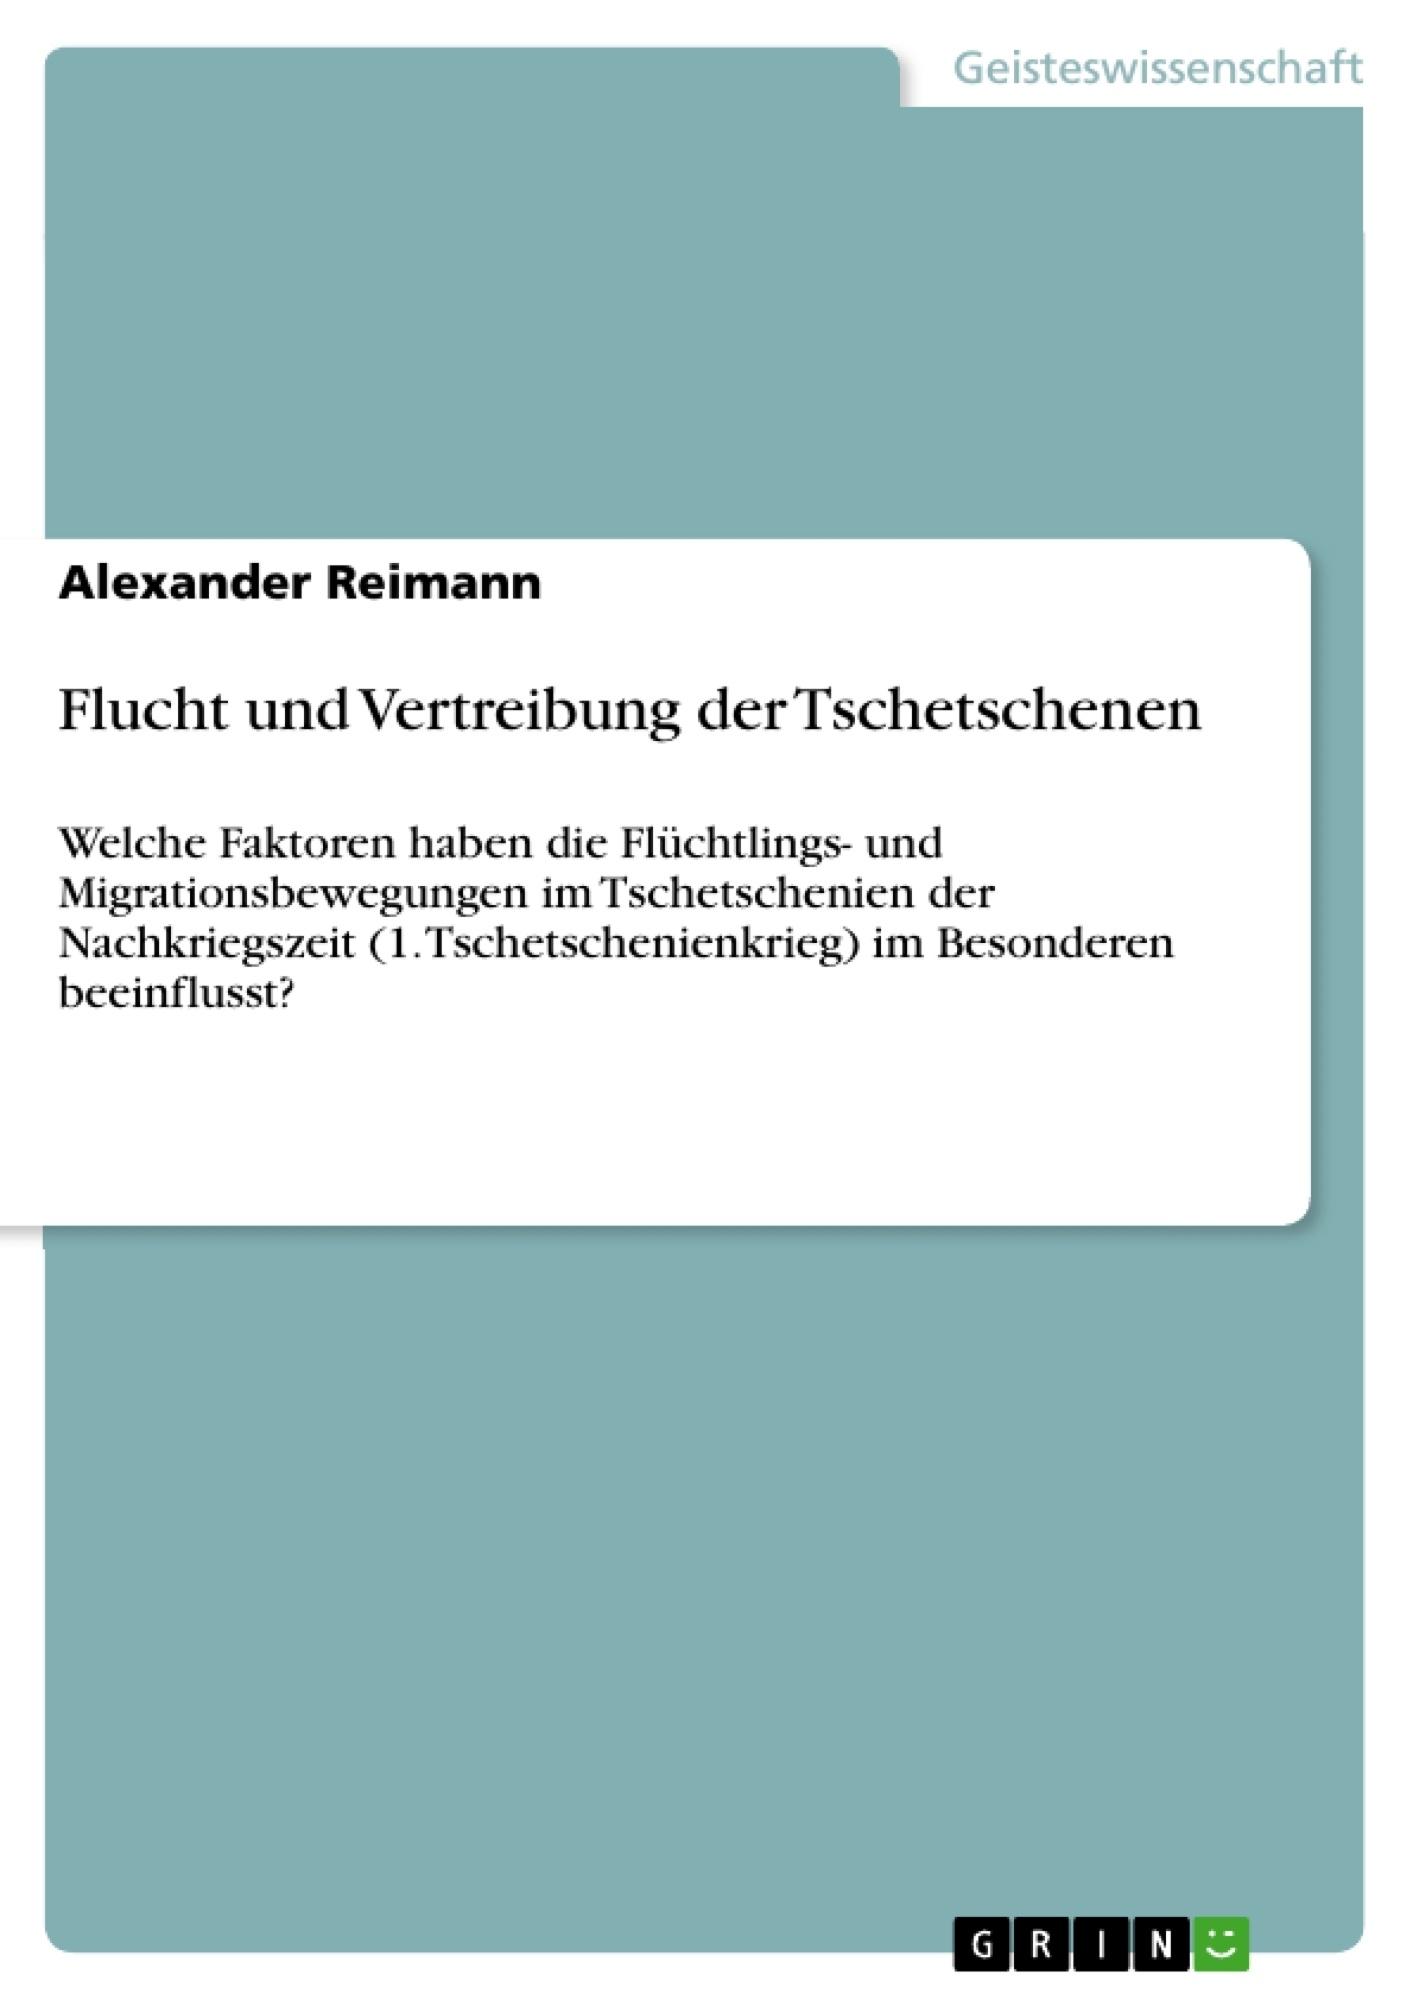 Titel: Flucht und Vertreibung der Tschetschenen